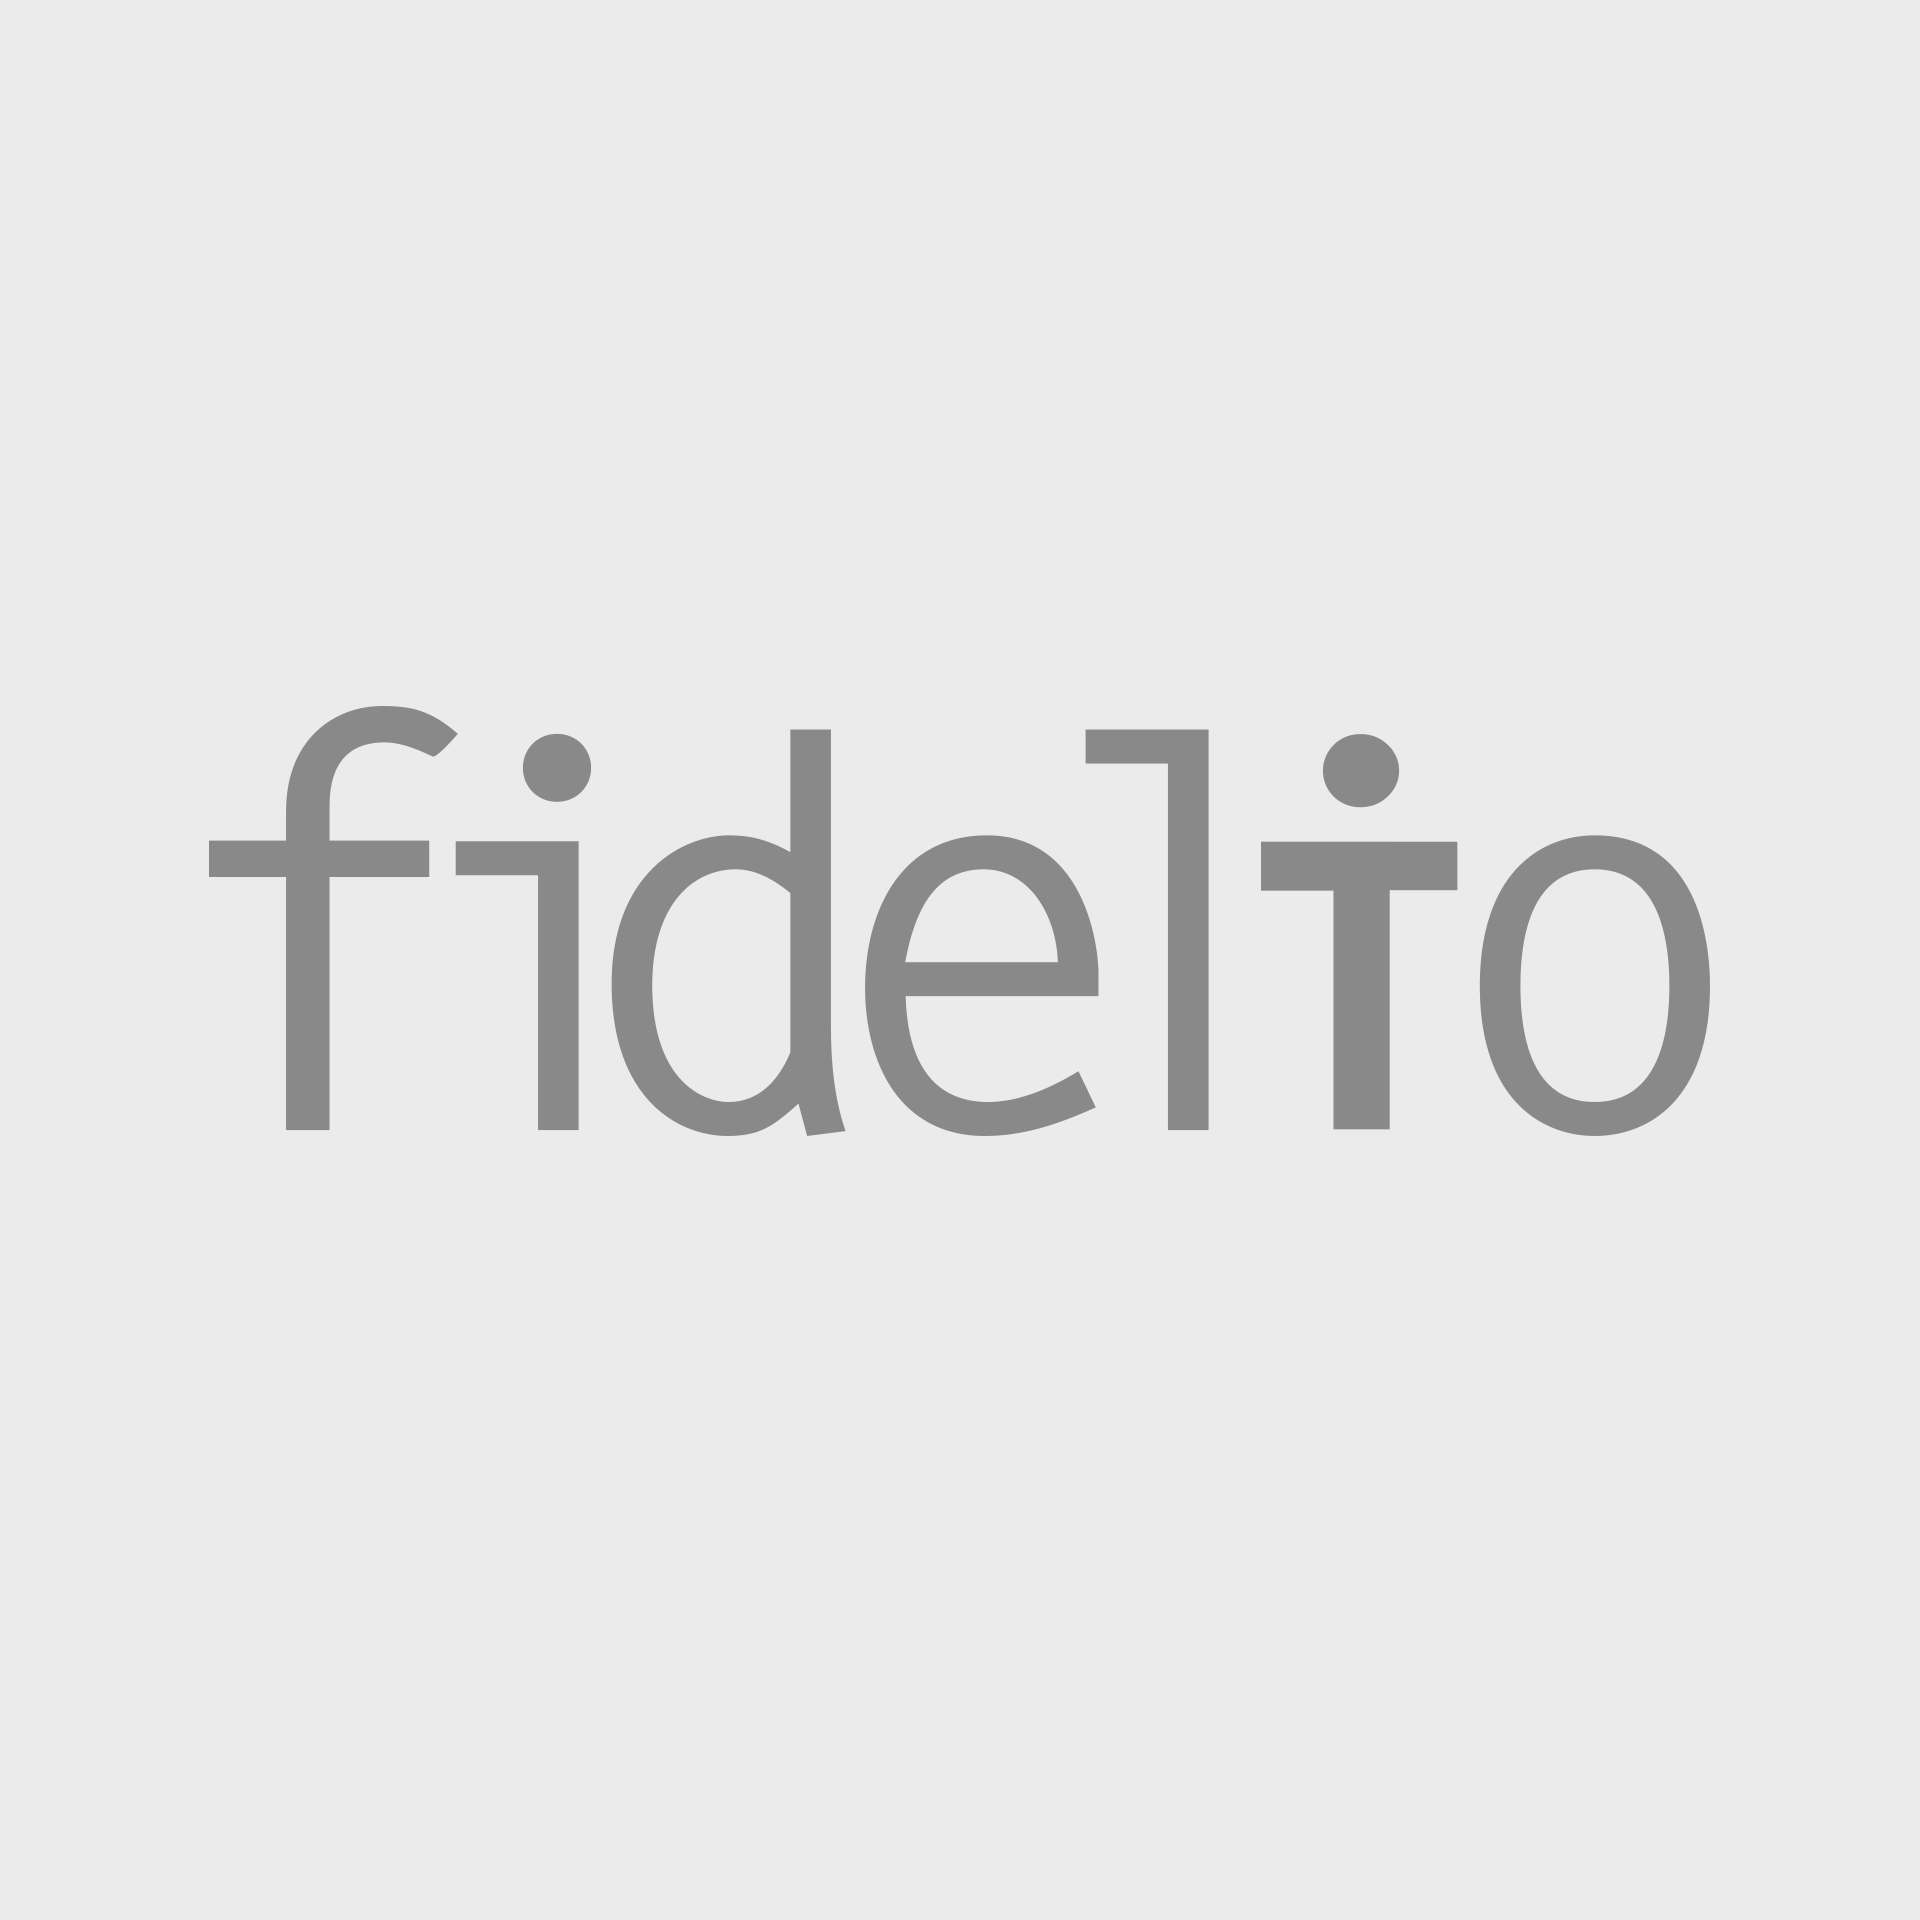 Fidelio Napi Zene – Cziffra György és fia Mendelssohnt ad elő